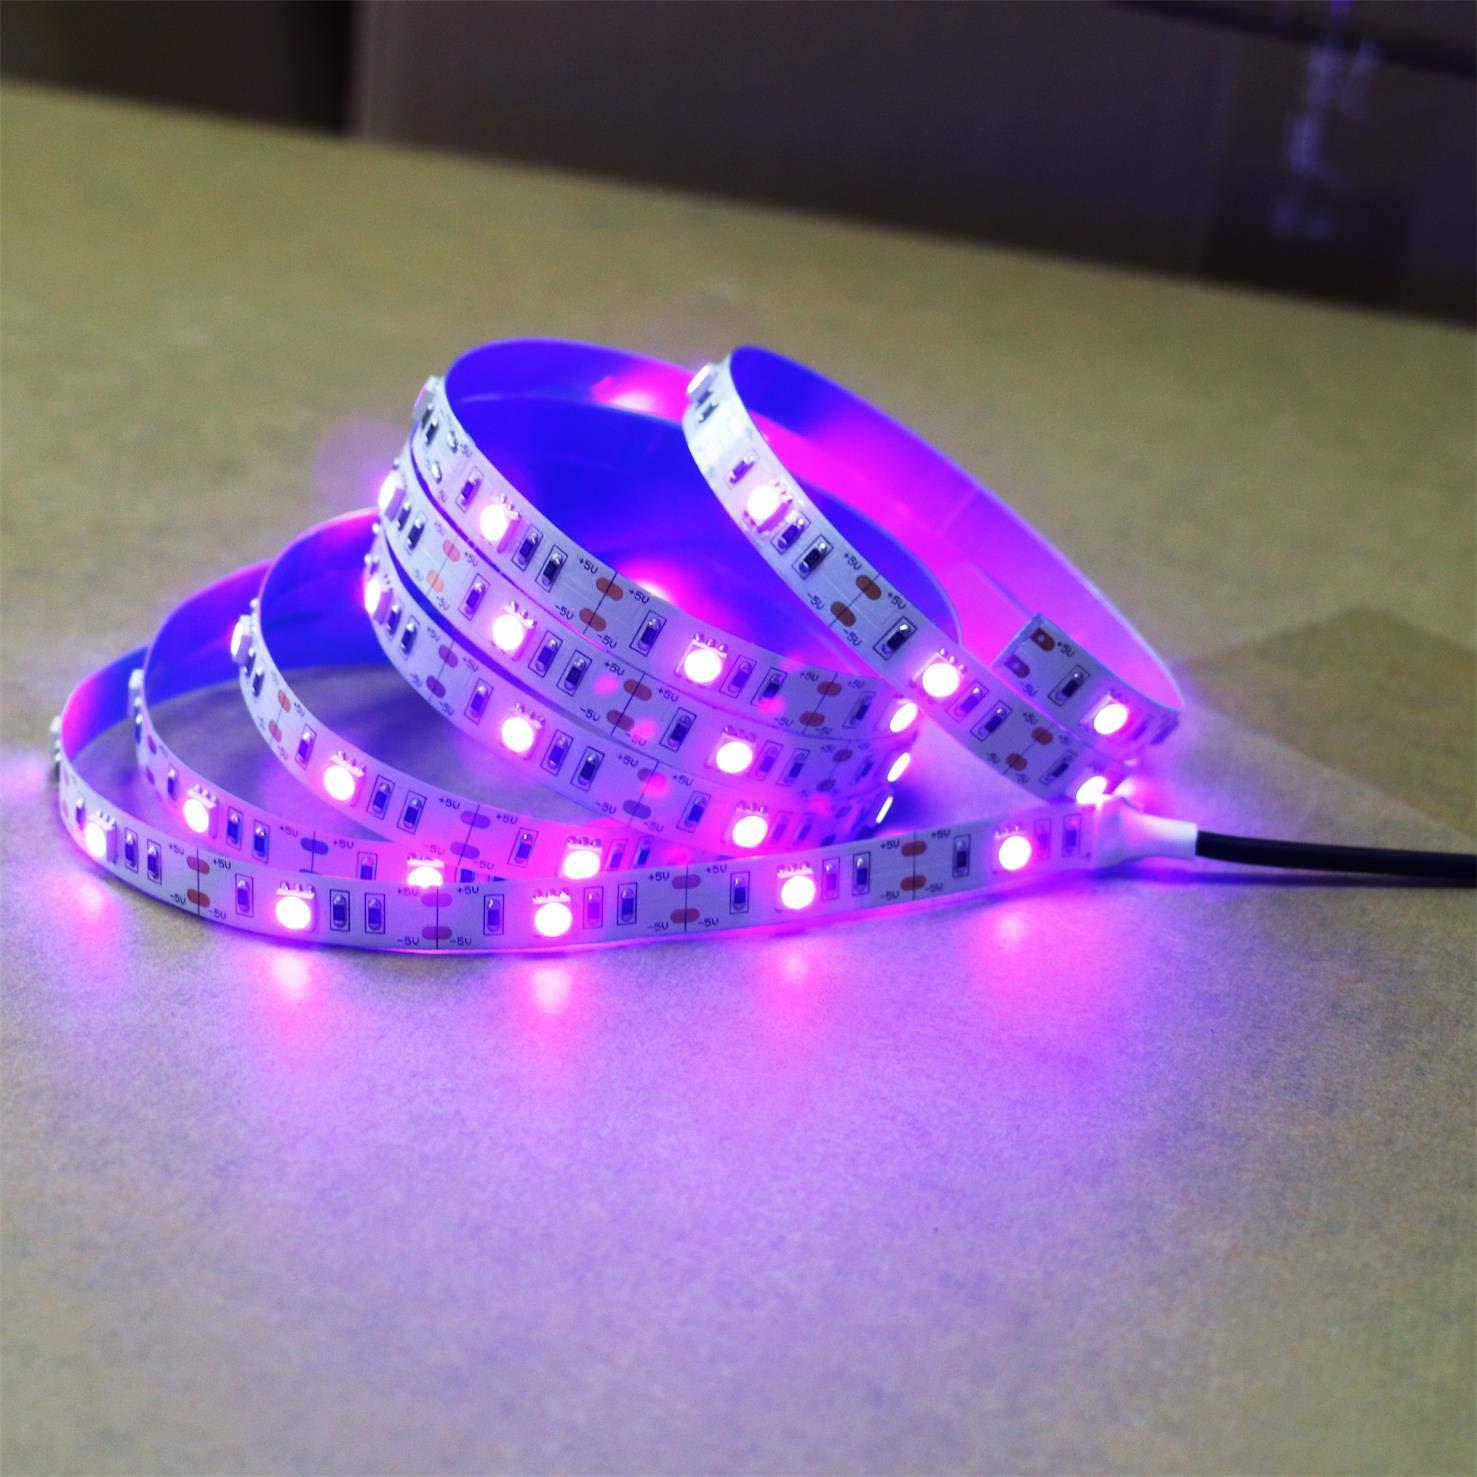 Uv Black Lights Led Strip Dc12v 5050 Smd 2m 66ft 395nm 405nm 12 Volt Light Wiring Diagram Free Picture Flexible Ultraviolet Fixture